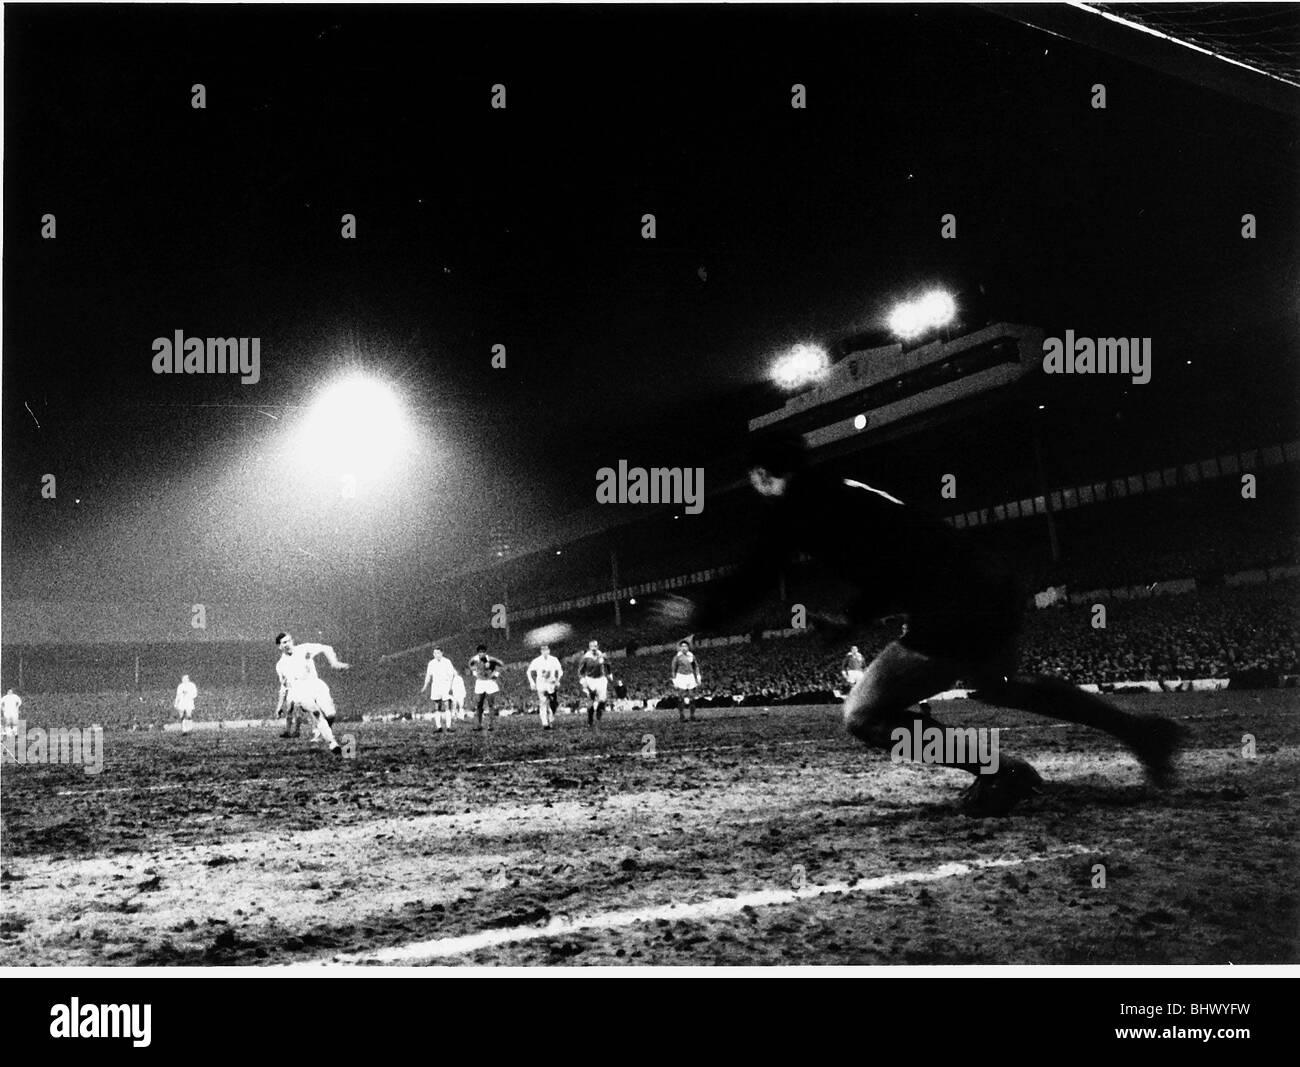 Danny Blanchflower Tottenham Hotspur v Benfica football